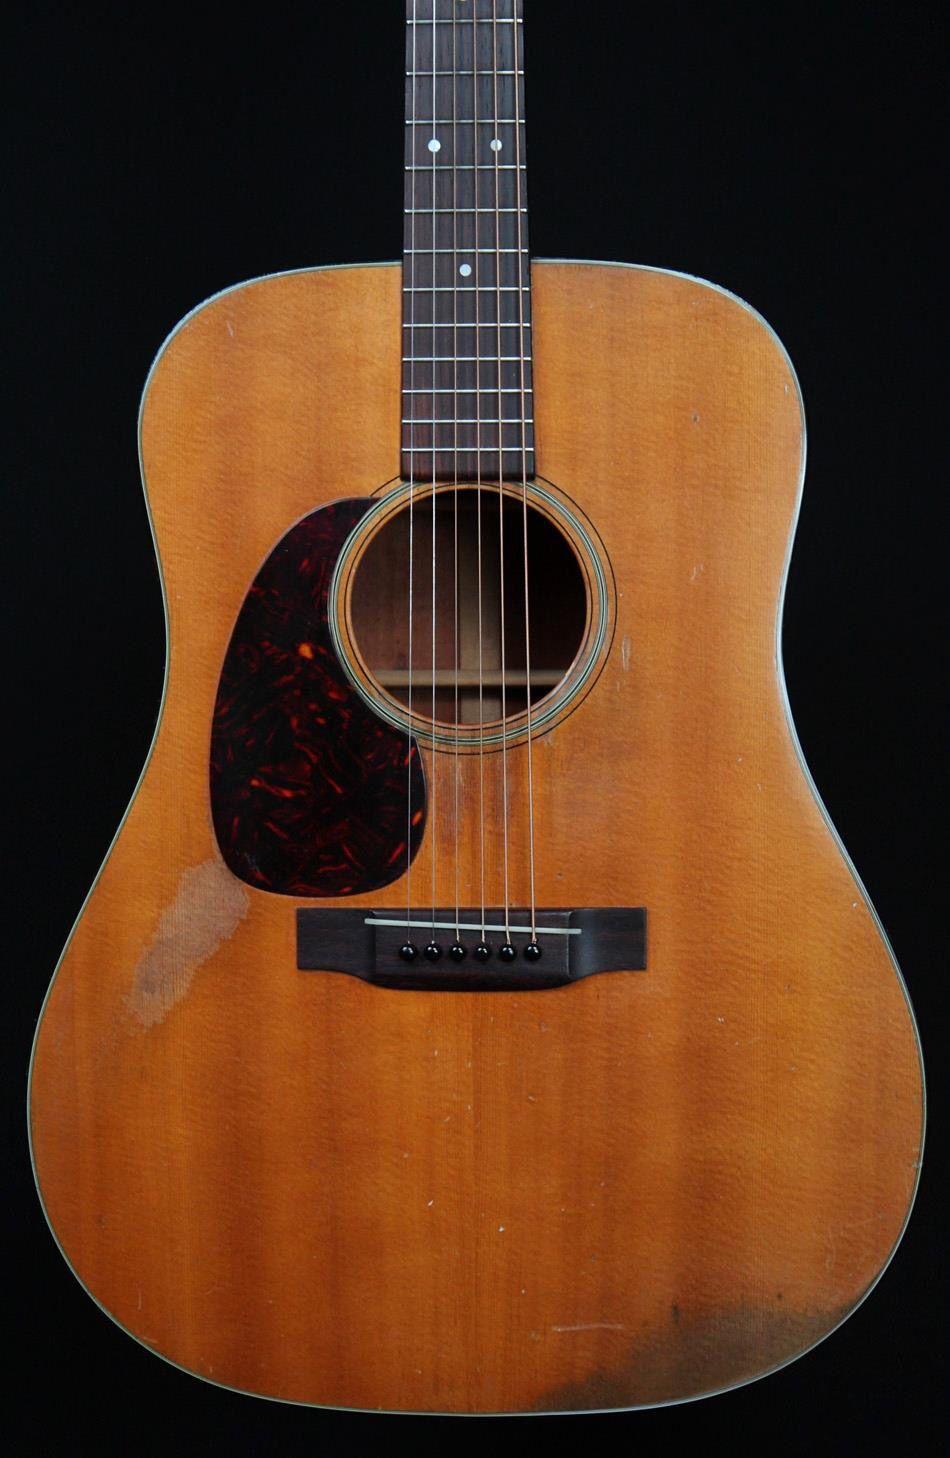 Left Handed 1963 Martin D 18 Left Handed Acoustic Guitar Guitar Lefty Guitars